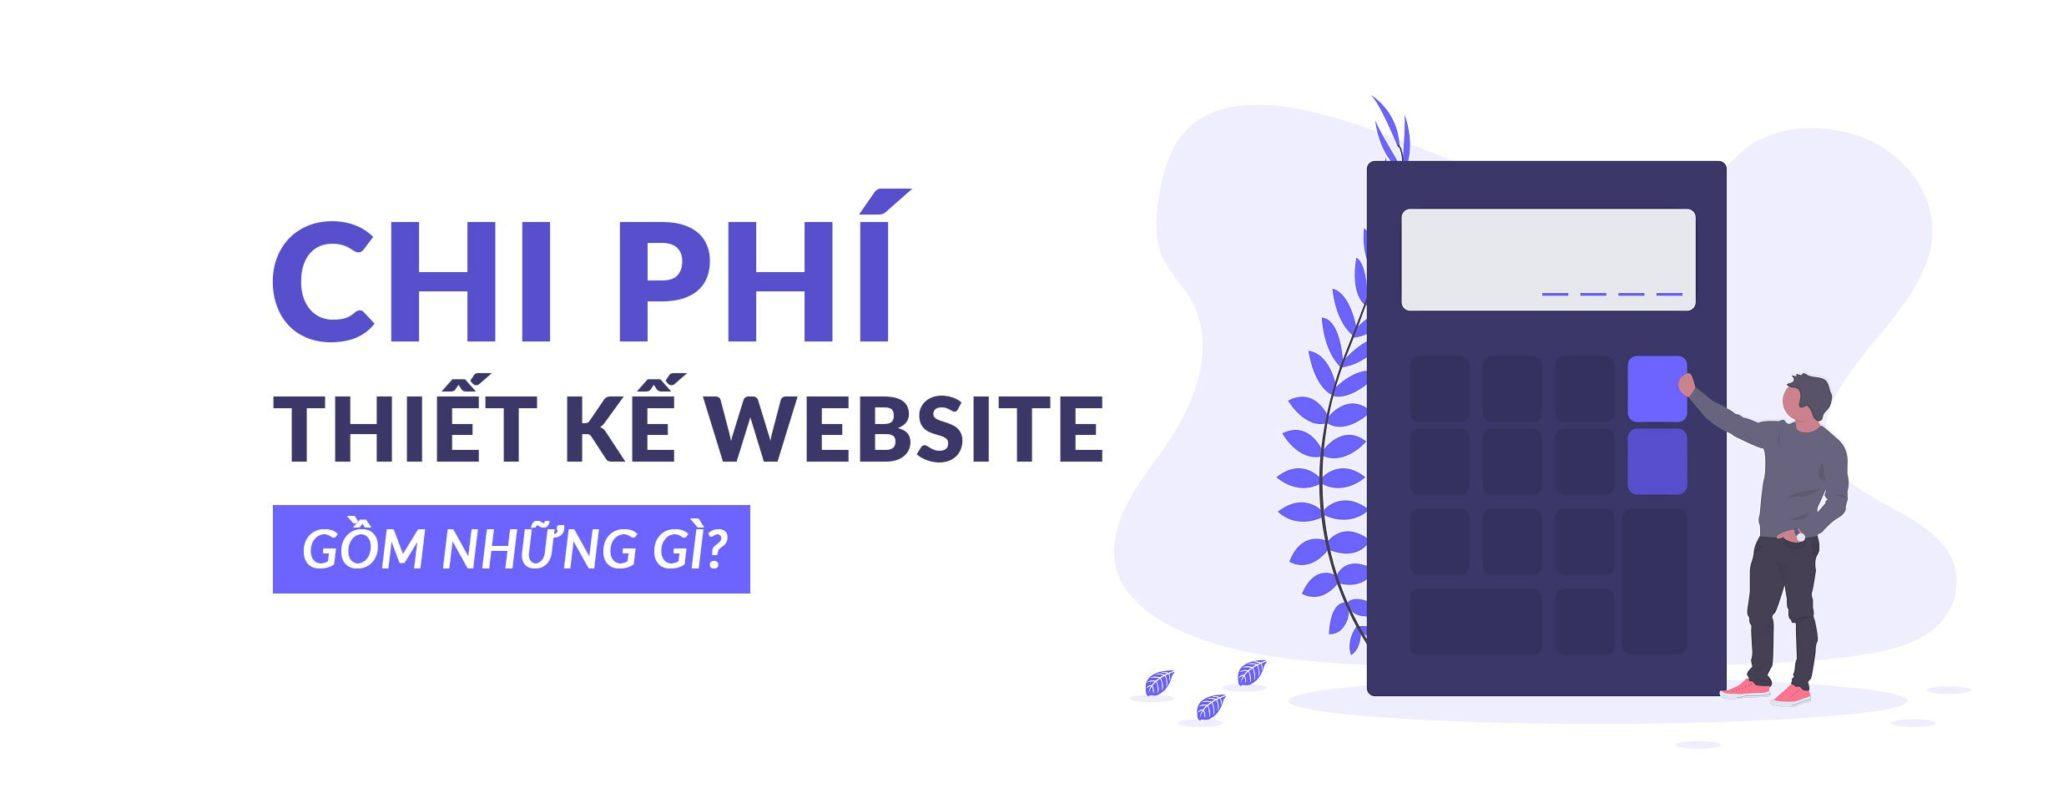 thiết kế website hết bao nhiêu tiền